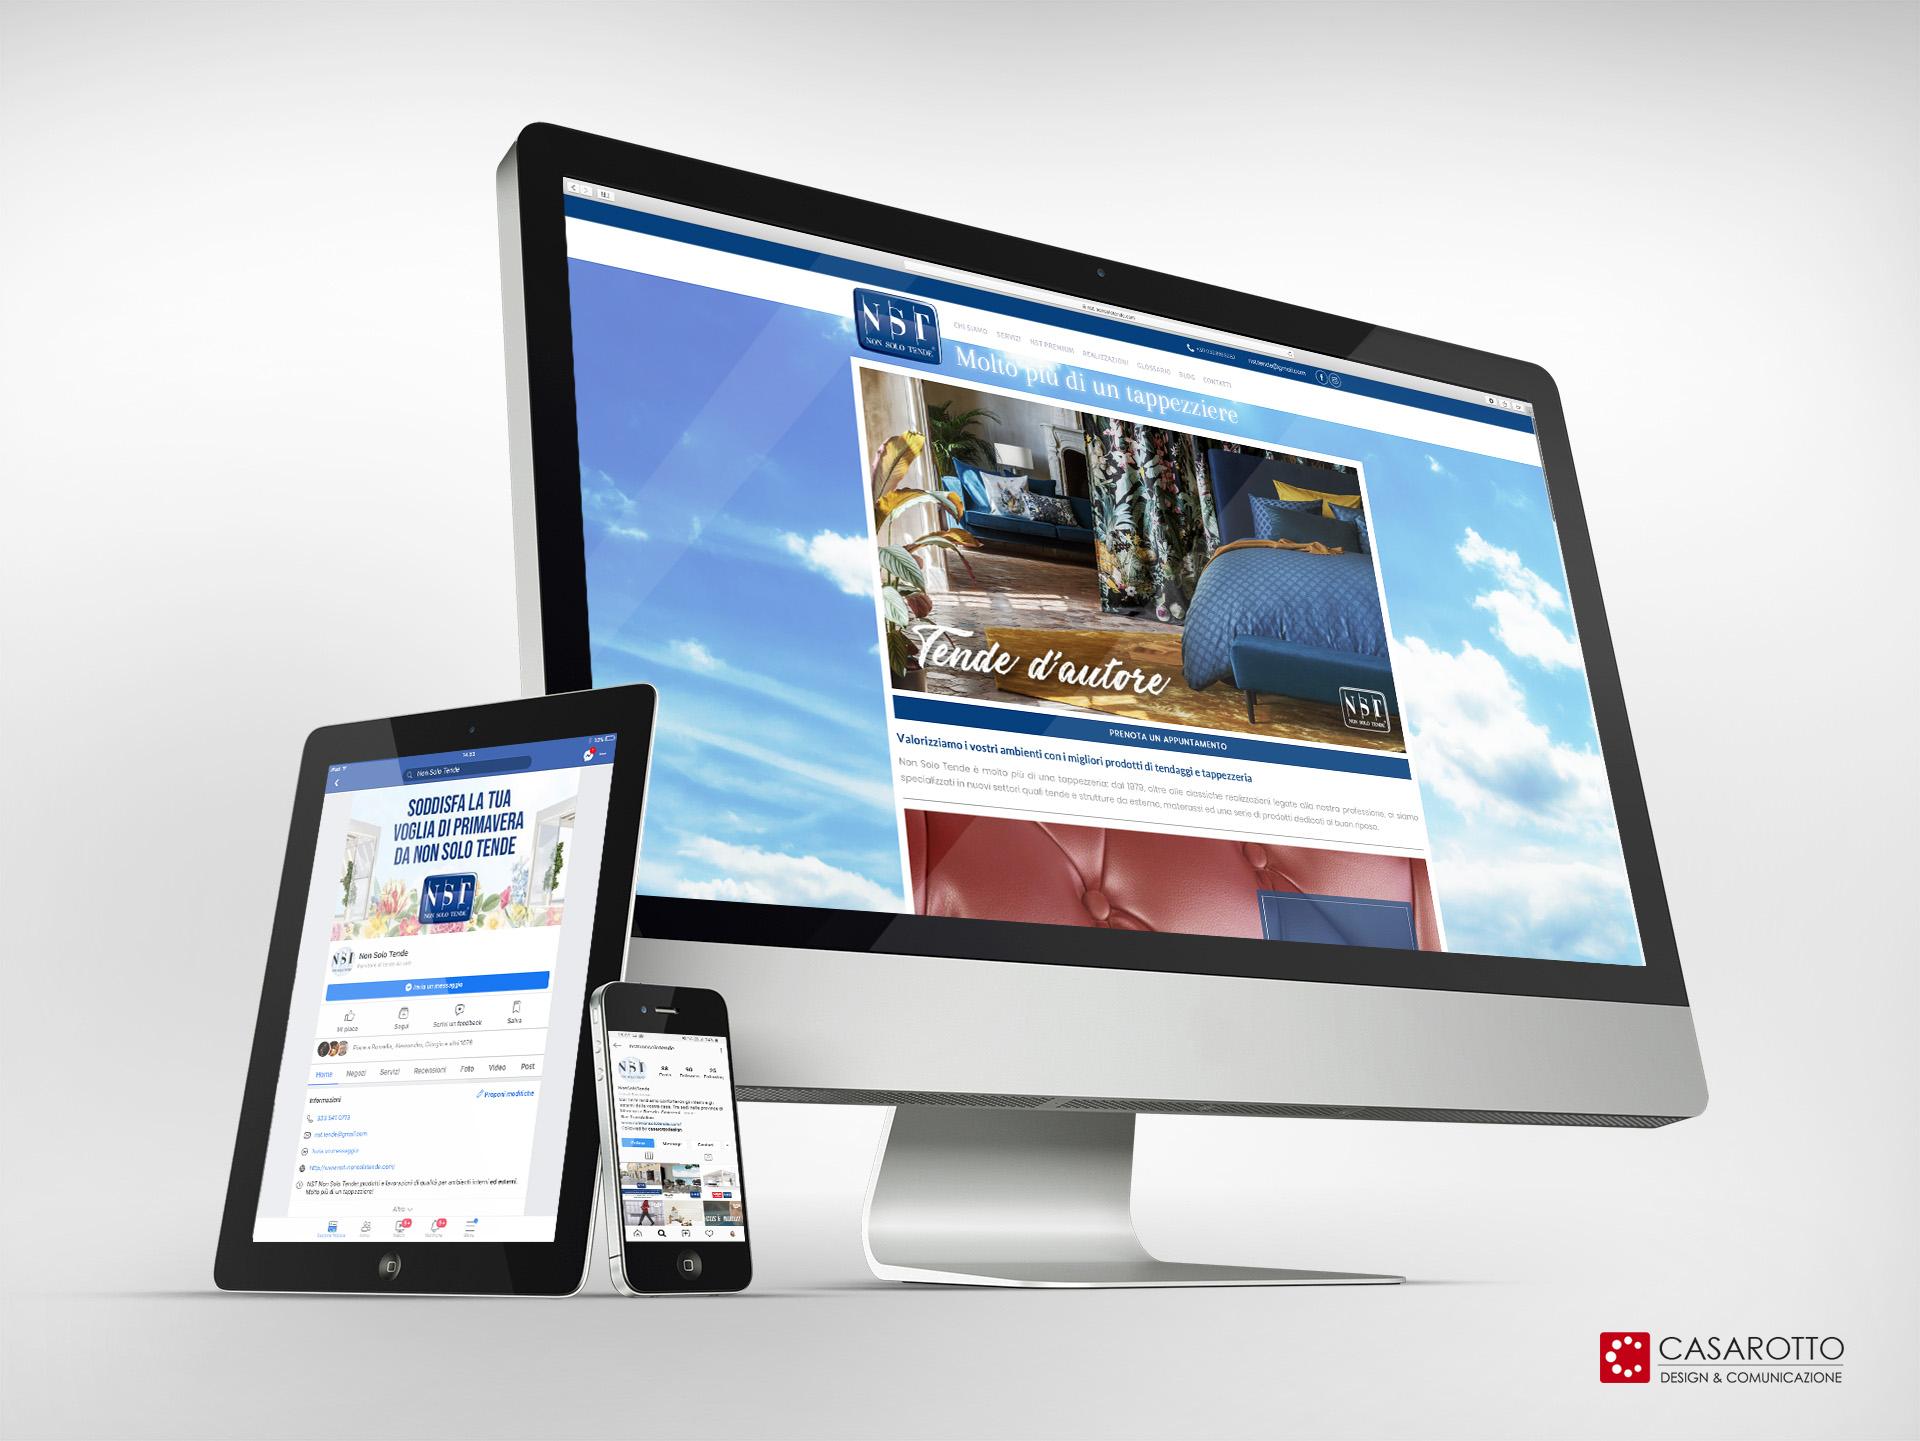 casarotto design comunicazione architettura agenzia castiglione stiviere mantova social siti web brand non solo tende pubblicità